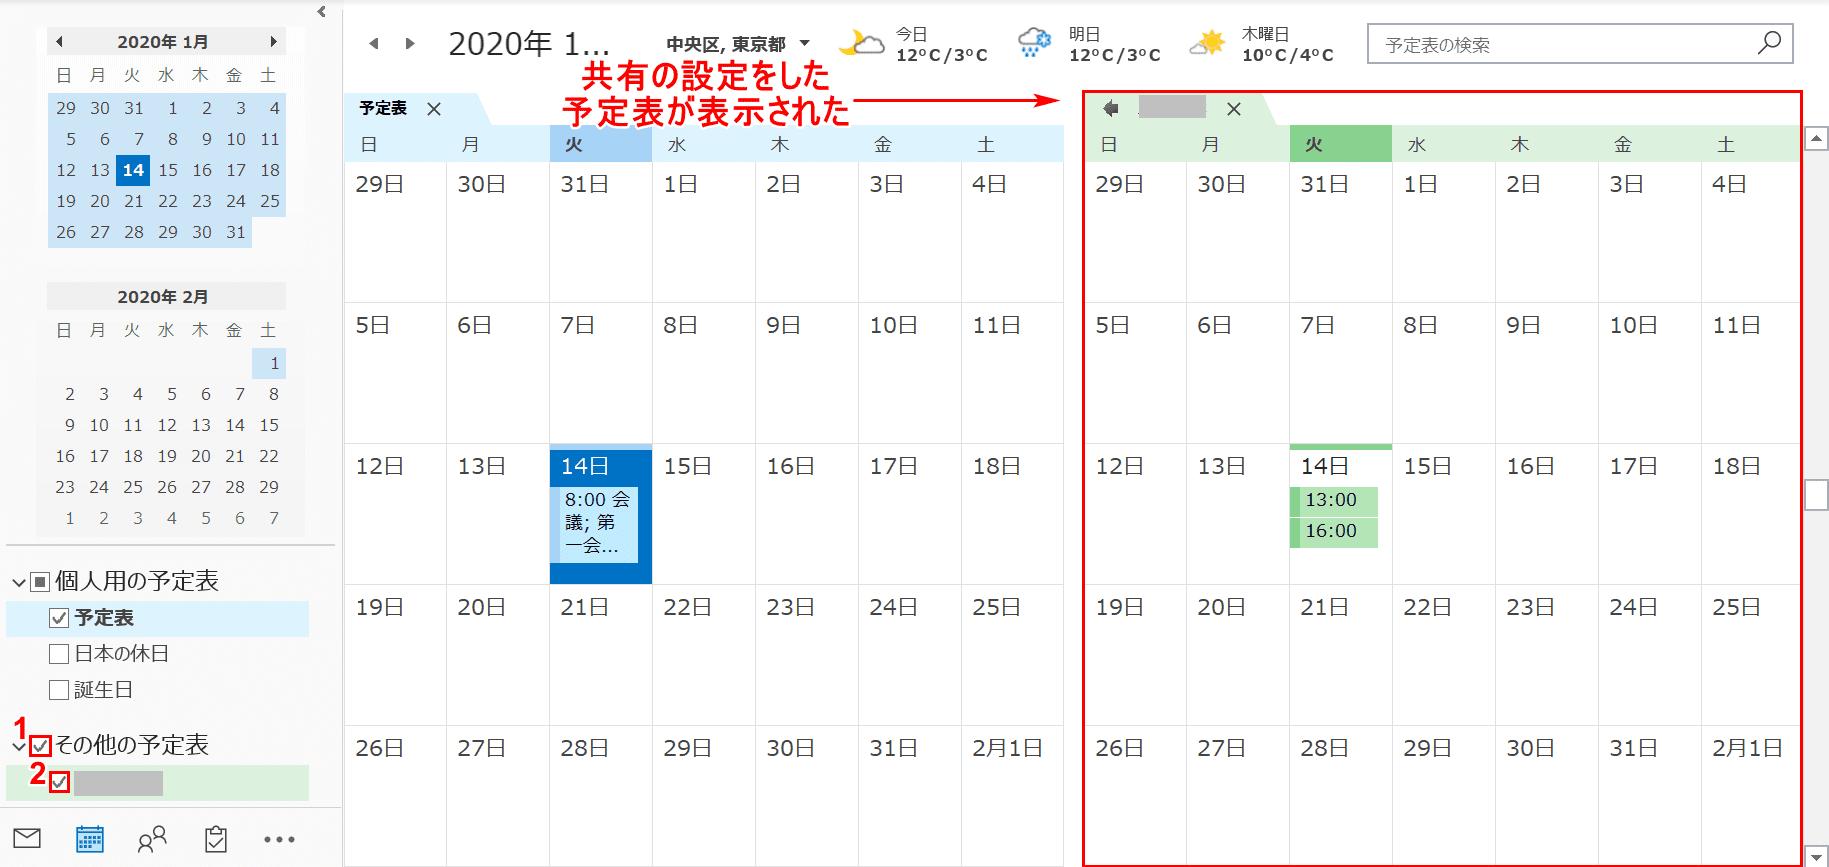 予定表の表示